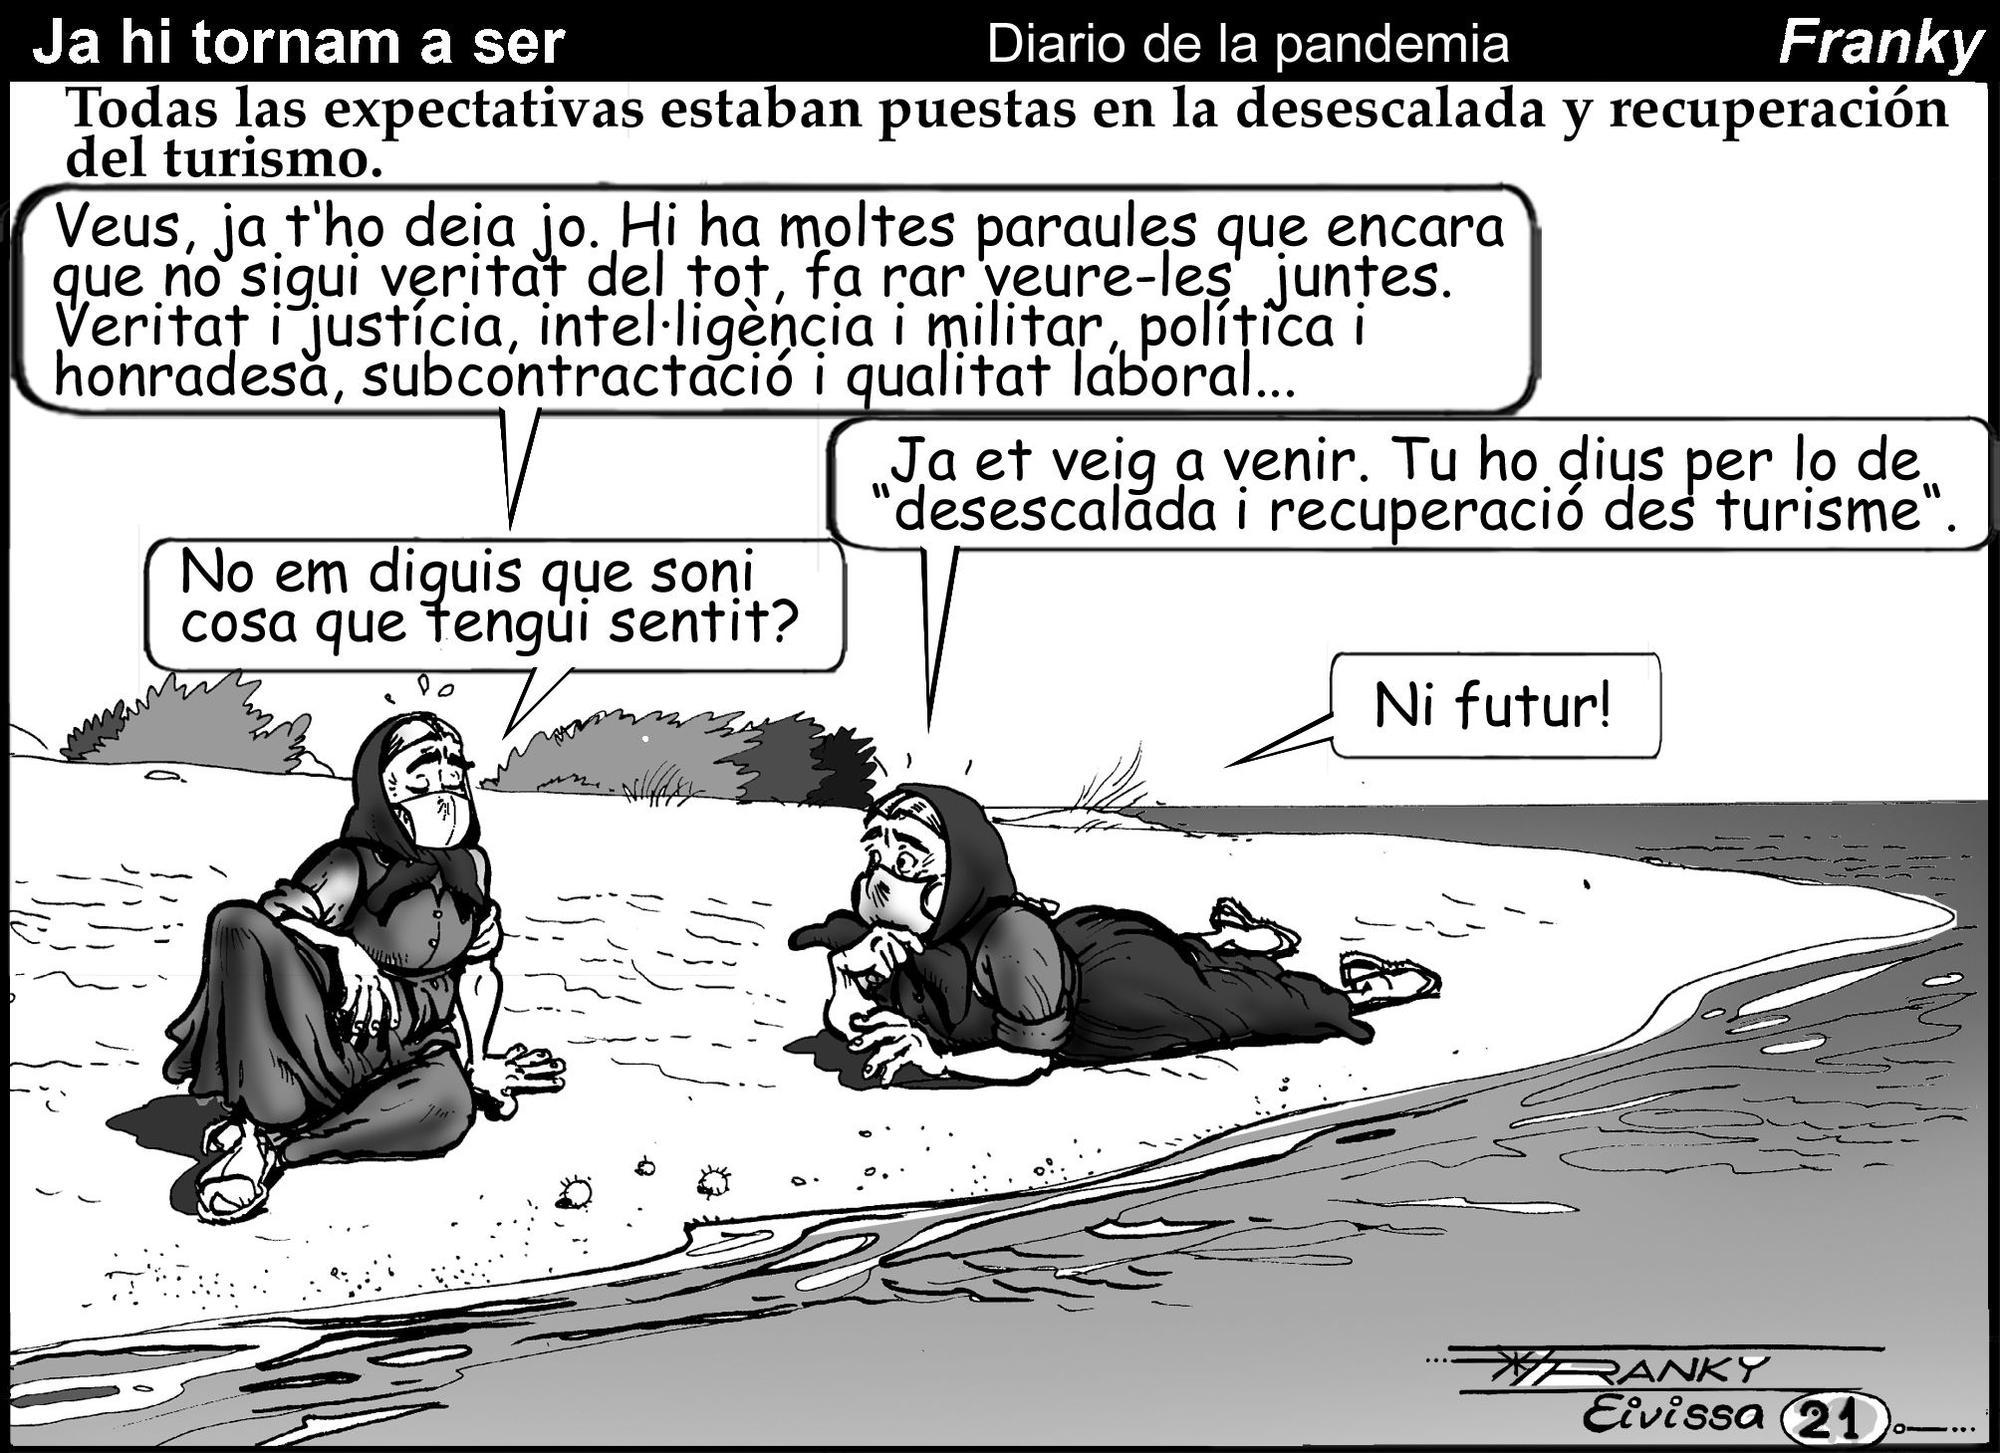 EL HUMOR DE FRANKY (15 de abril)